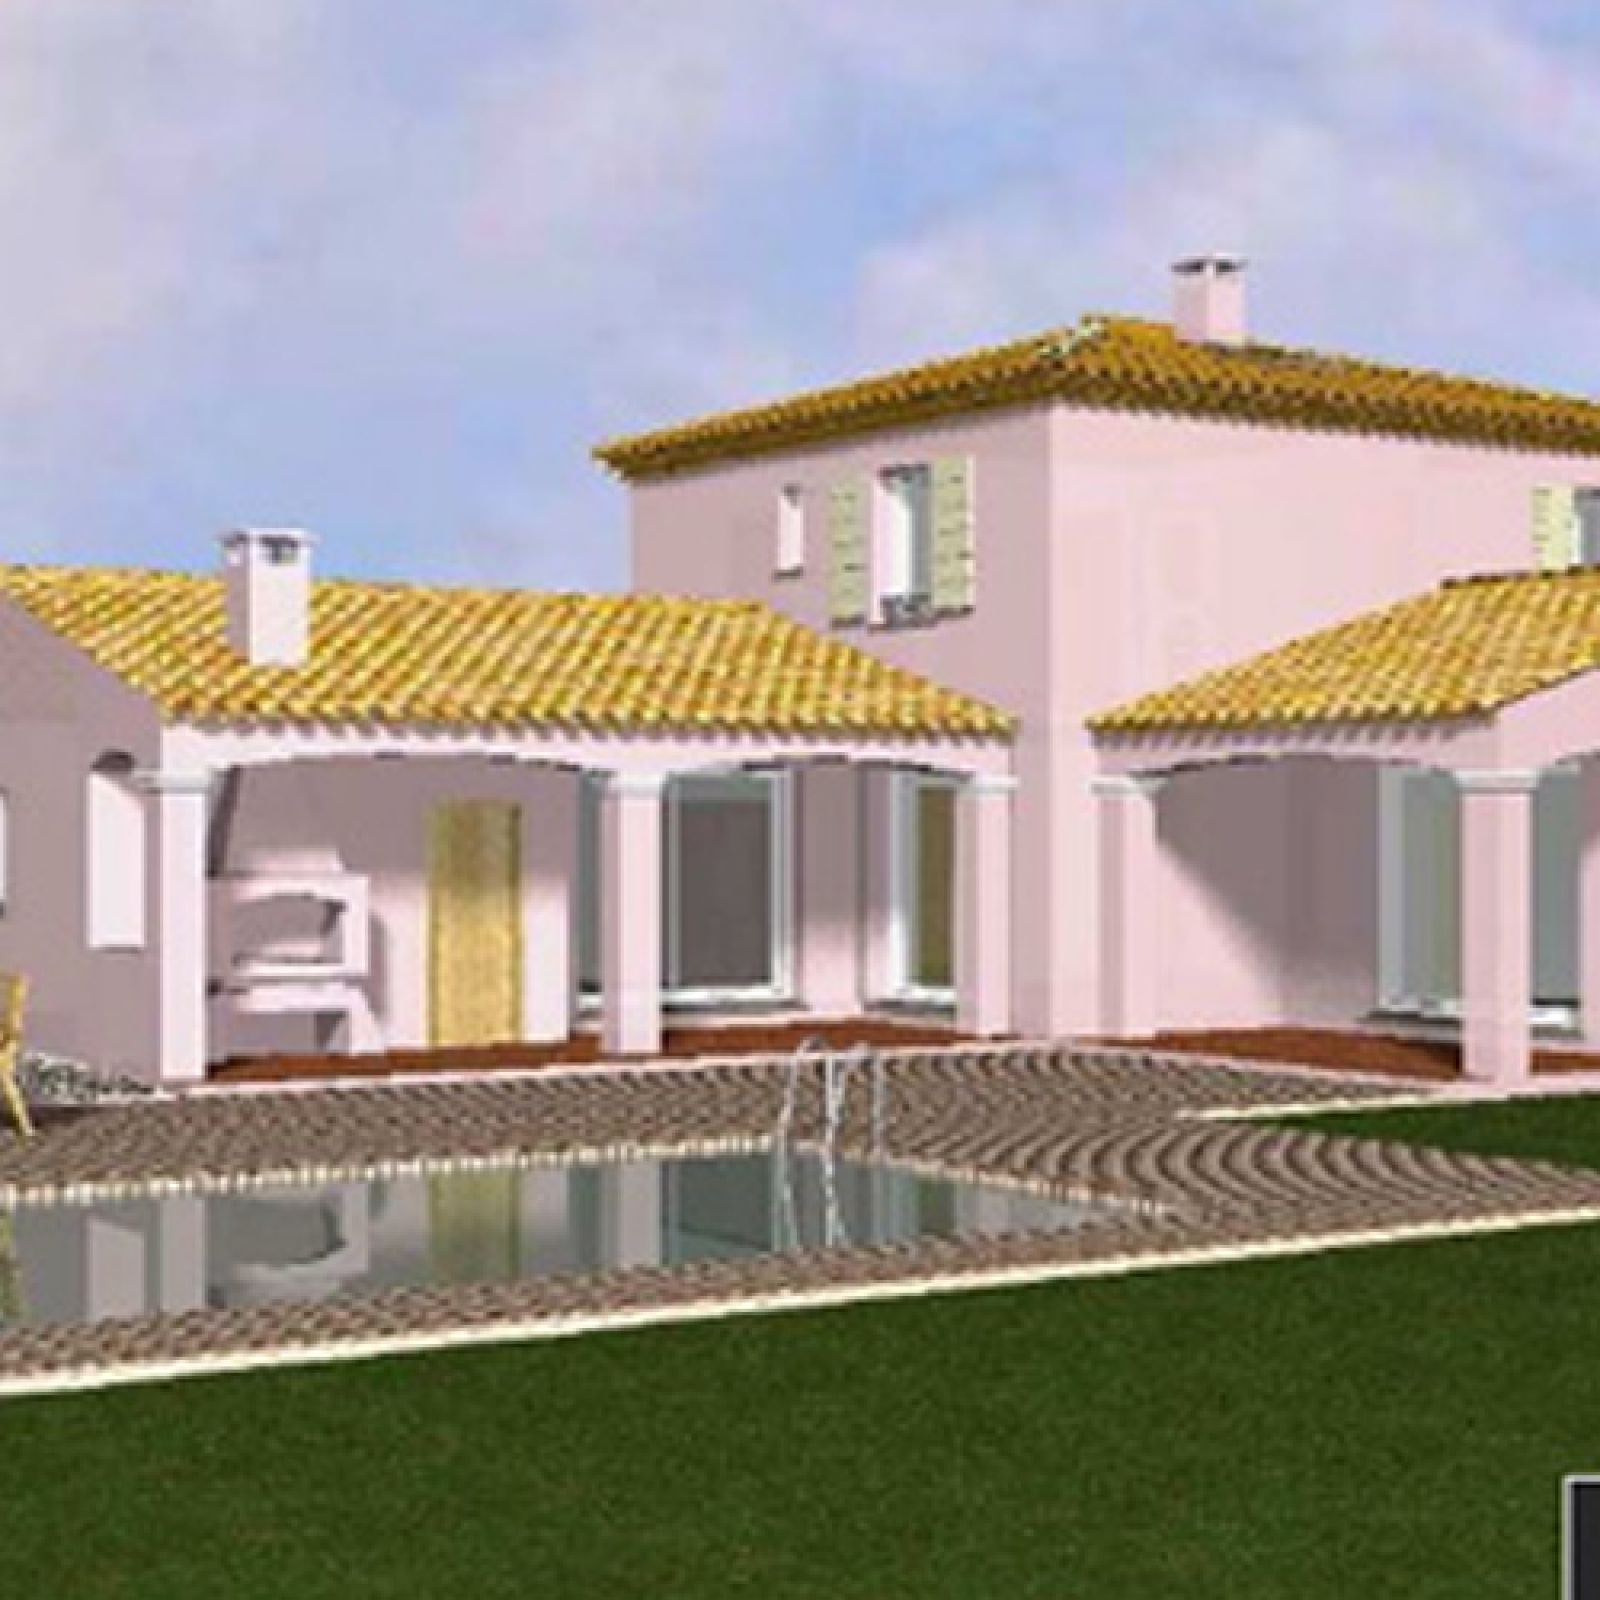 Maison contemporaine en l avec une tour centrale for Maison moderne tours